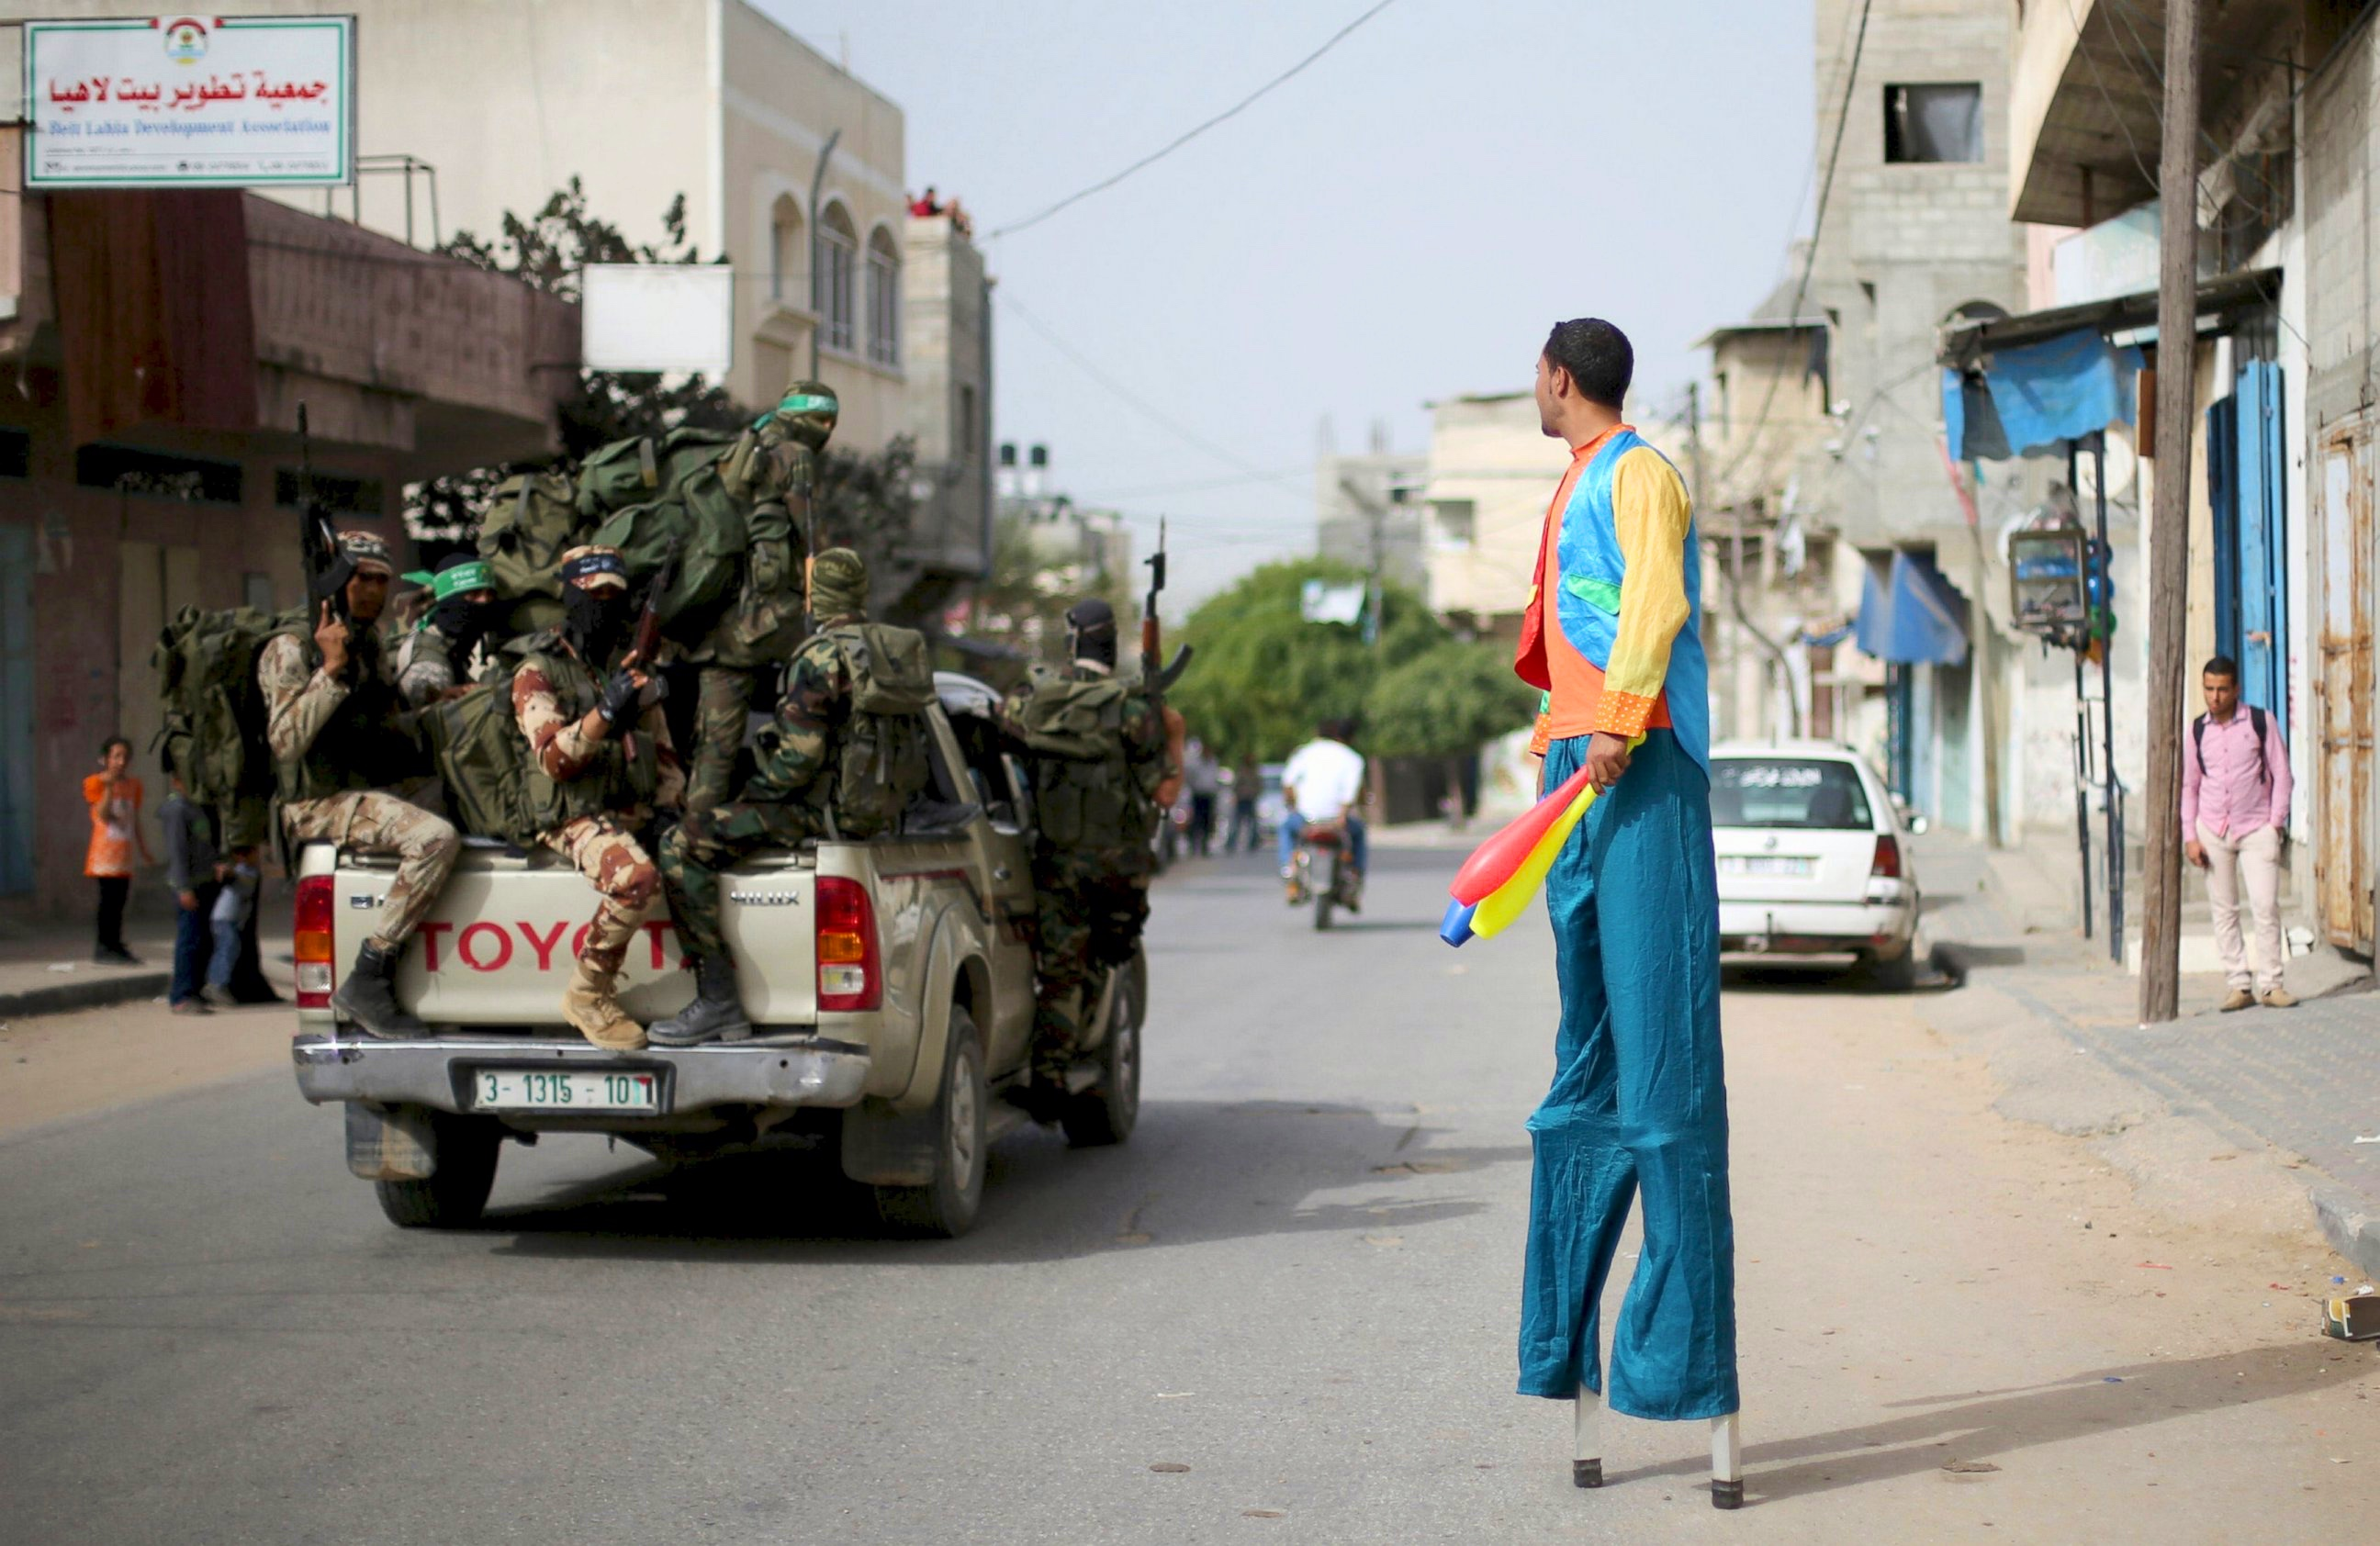 وهم الانتصار على حماس!